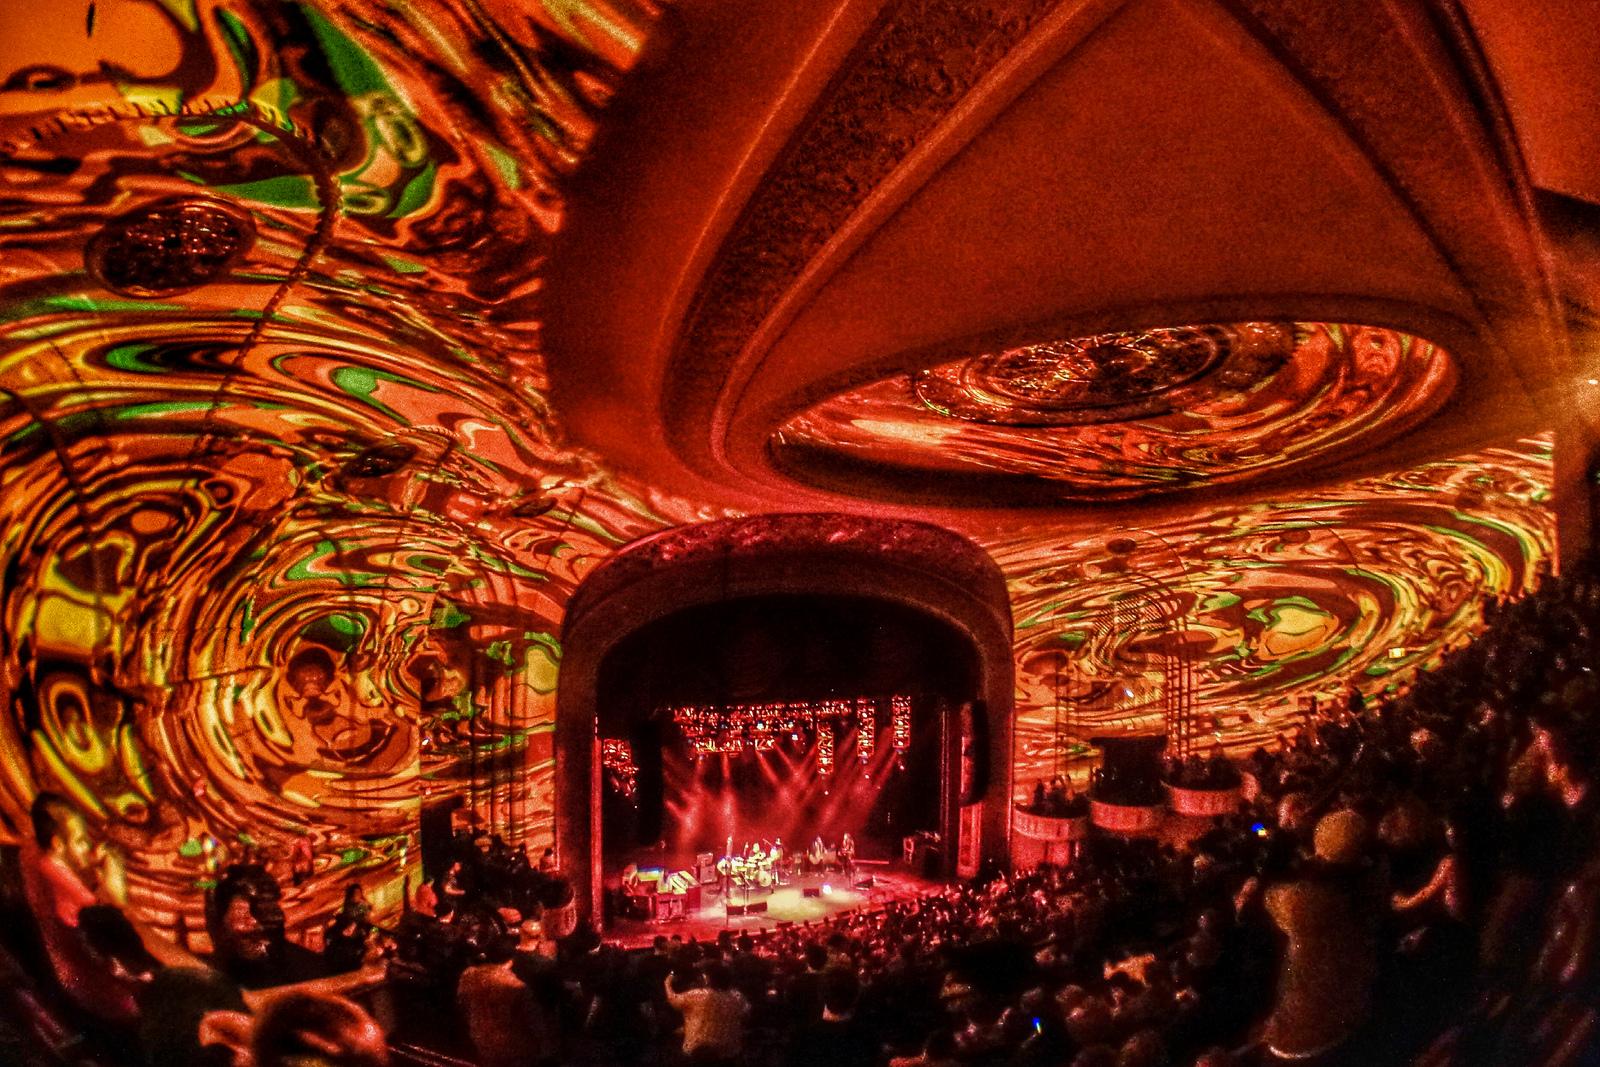 MIXTAPE: The Capitol Theatre